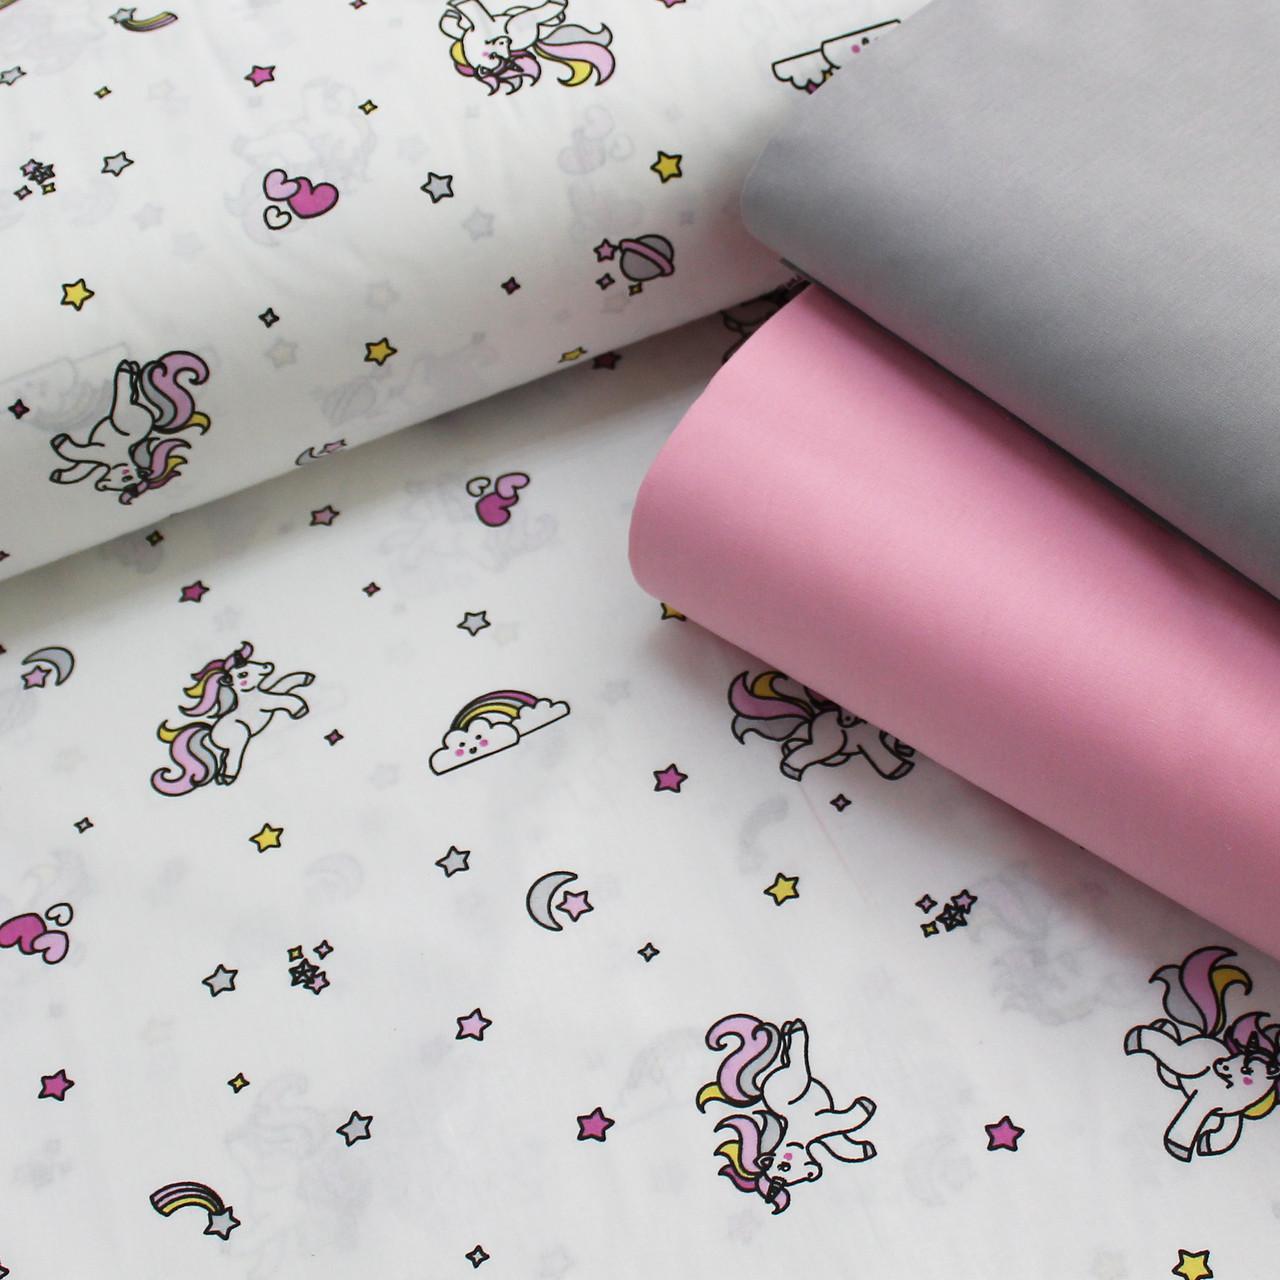 Хлопковая ткань (ТУРЦИЯ шир. 2,4 м) маленькие единороги с розово-серыми хвостами и розовыми сердечками